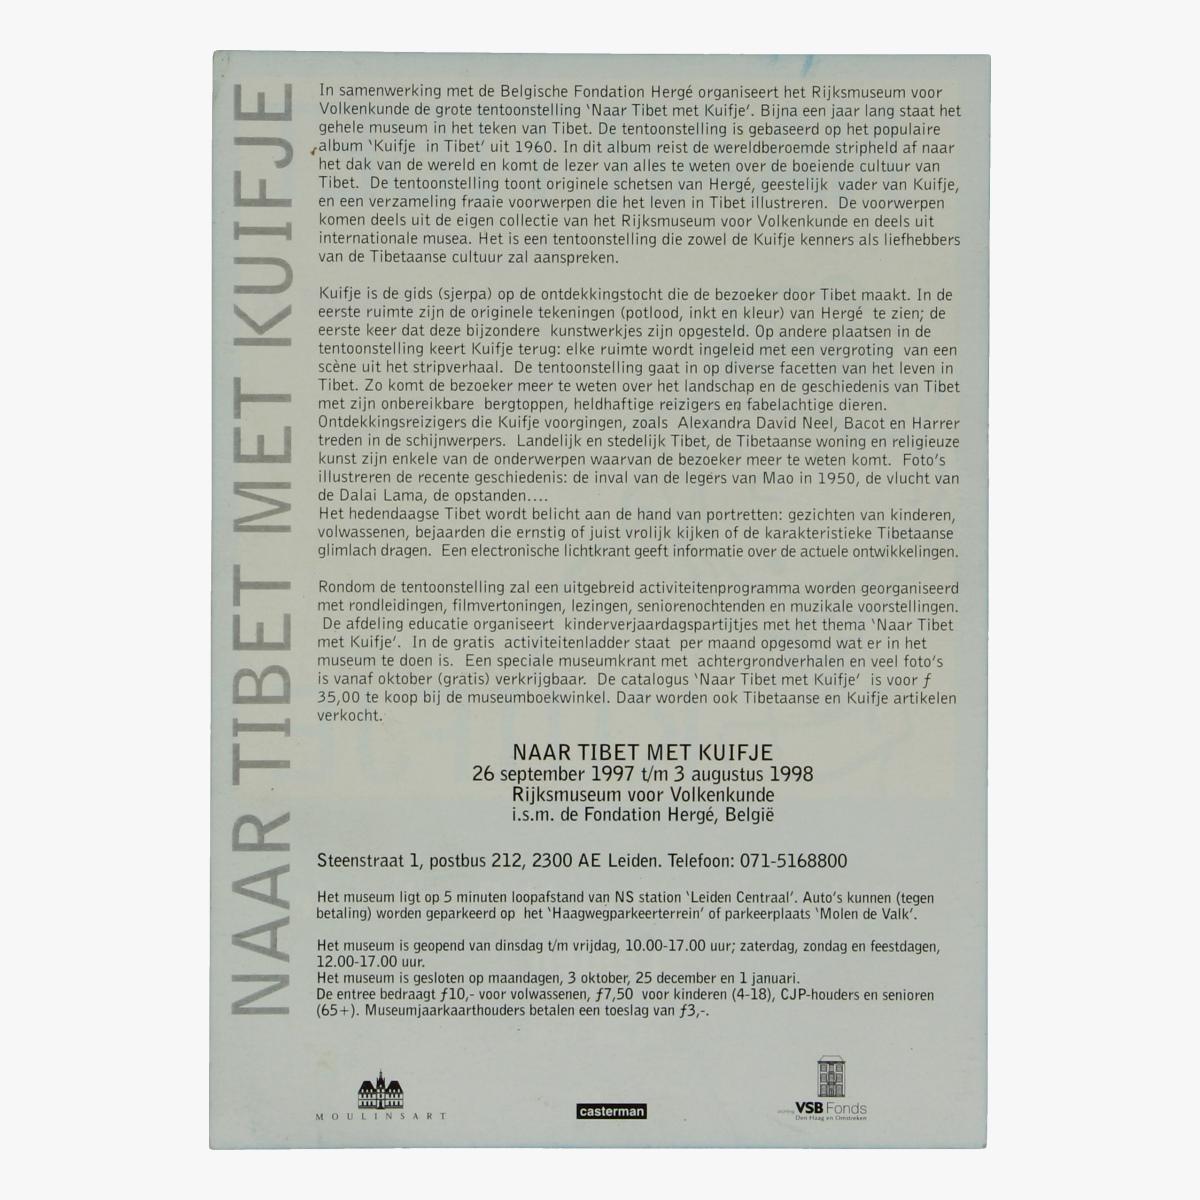 Afbeeldingen van Pamflet Kuifje Rijksmuseum Leiden 1997